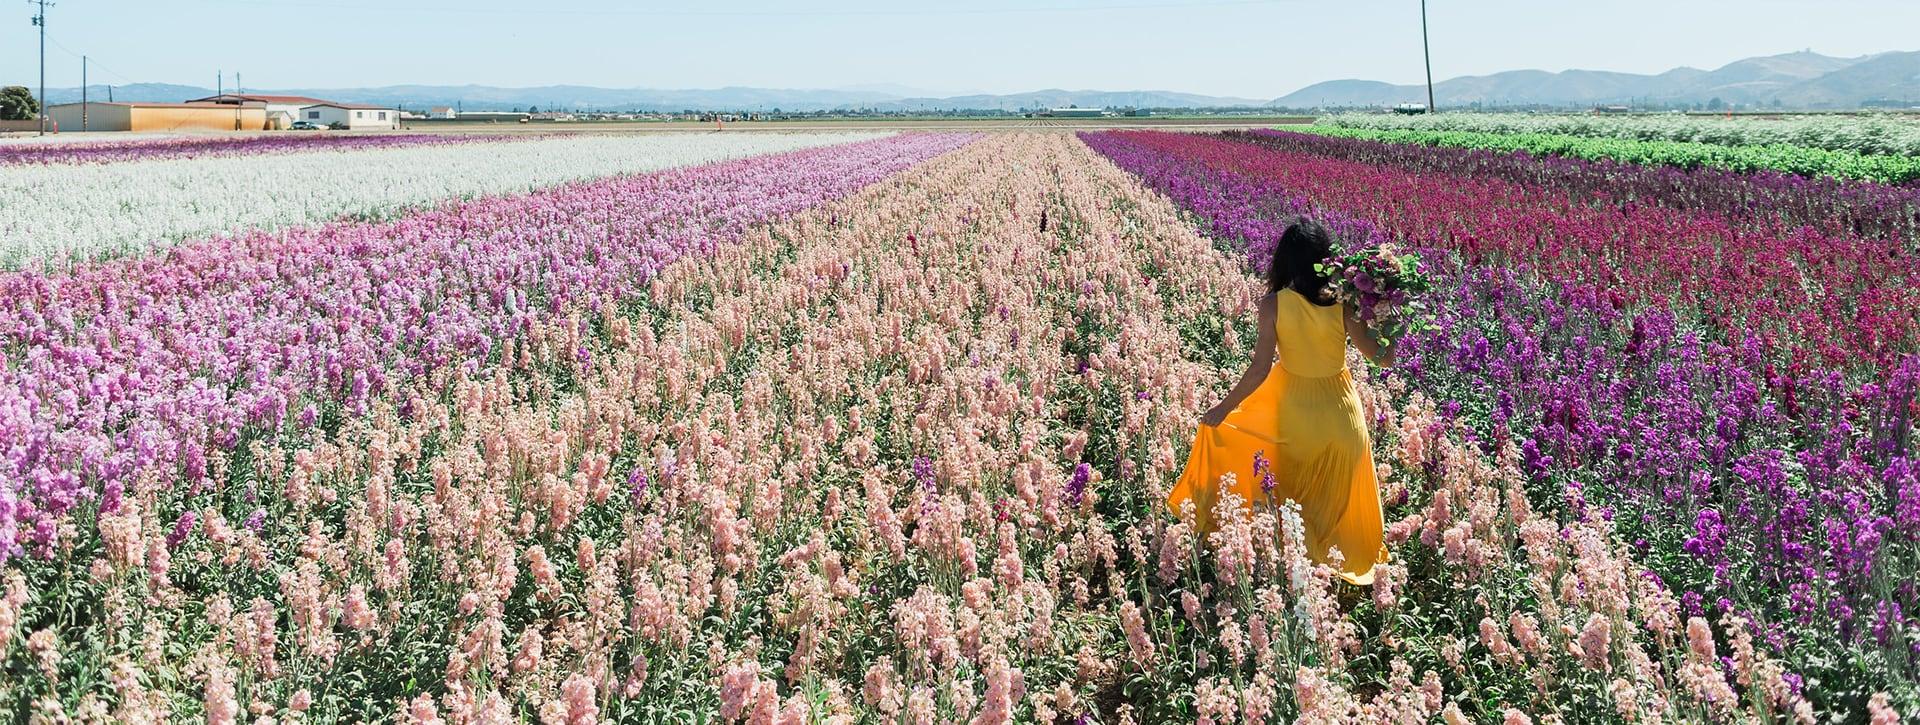 Woman walking away in field of stock.